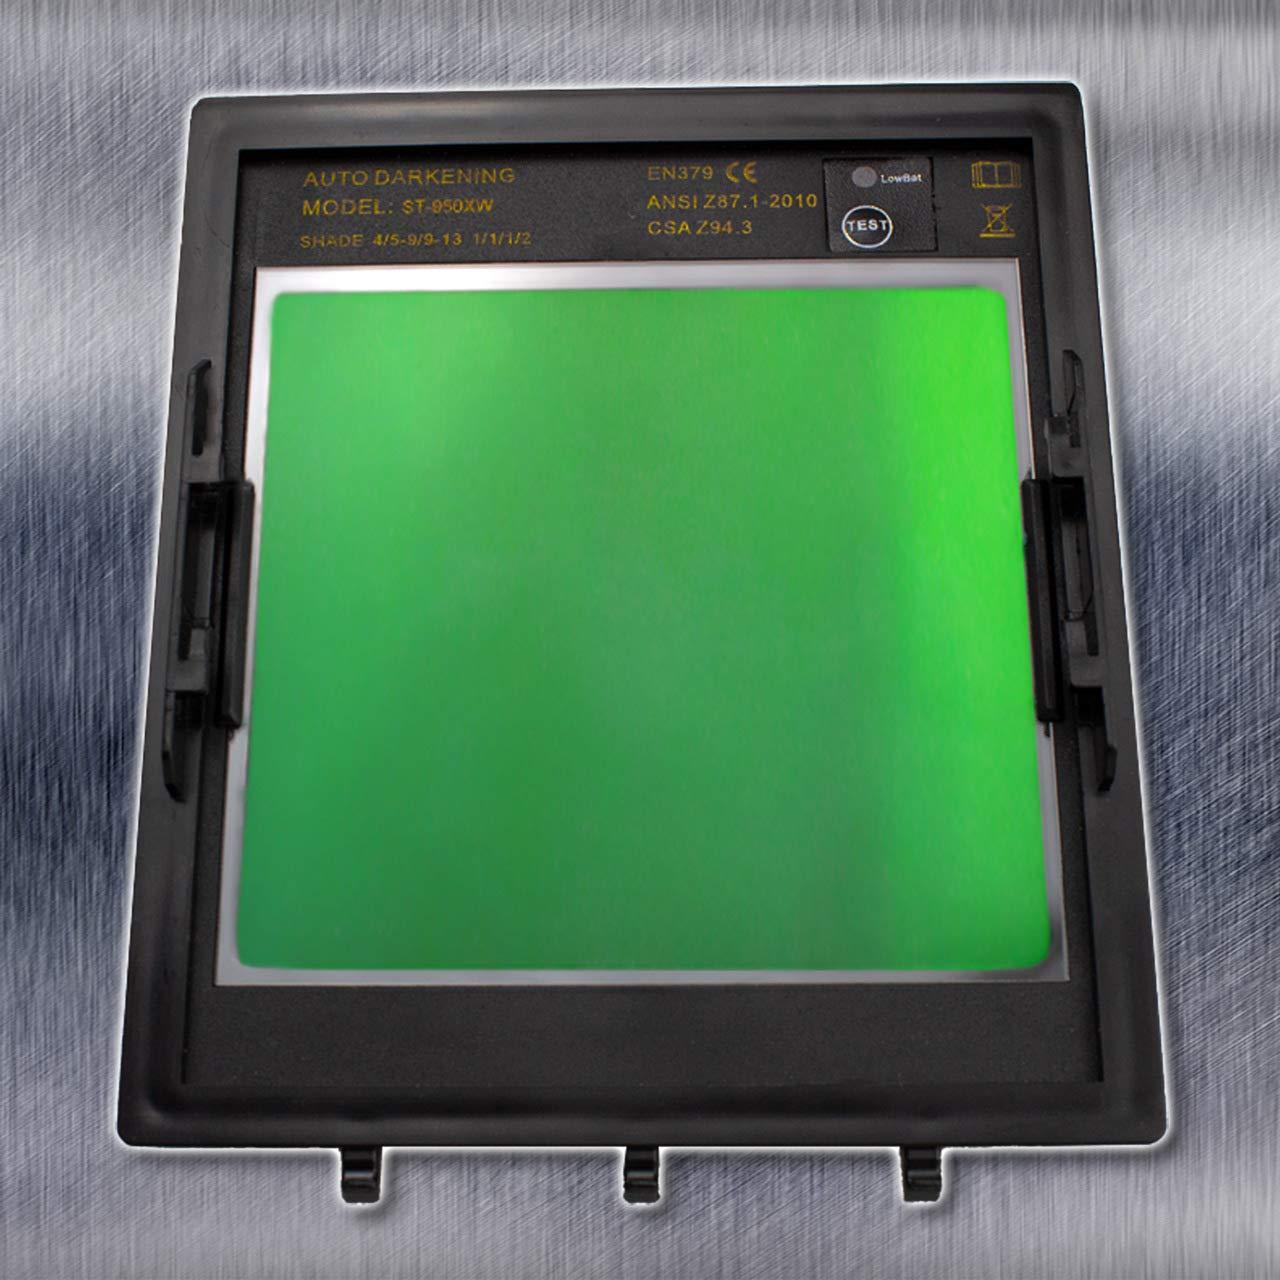 STAHLWERK ST-950XW Vollautomatik Schwei/ßhelm 5 Jahre GARANTIE auf FILTER wei/ß extra gro/ßes Sichtfeld 5 Ersatzscheiben /& Aufbewahrungstasche inkl